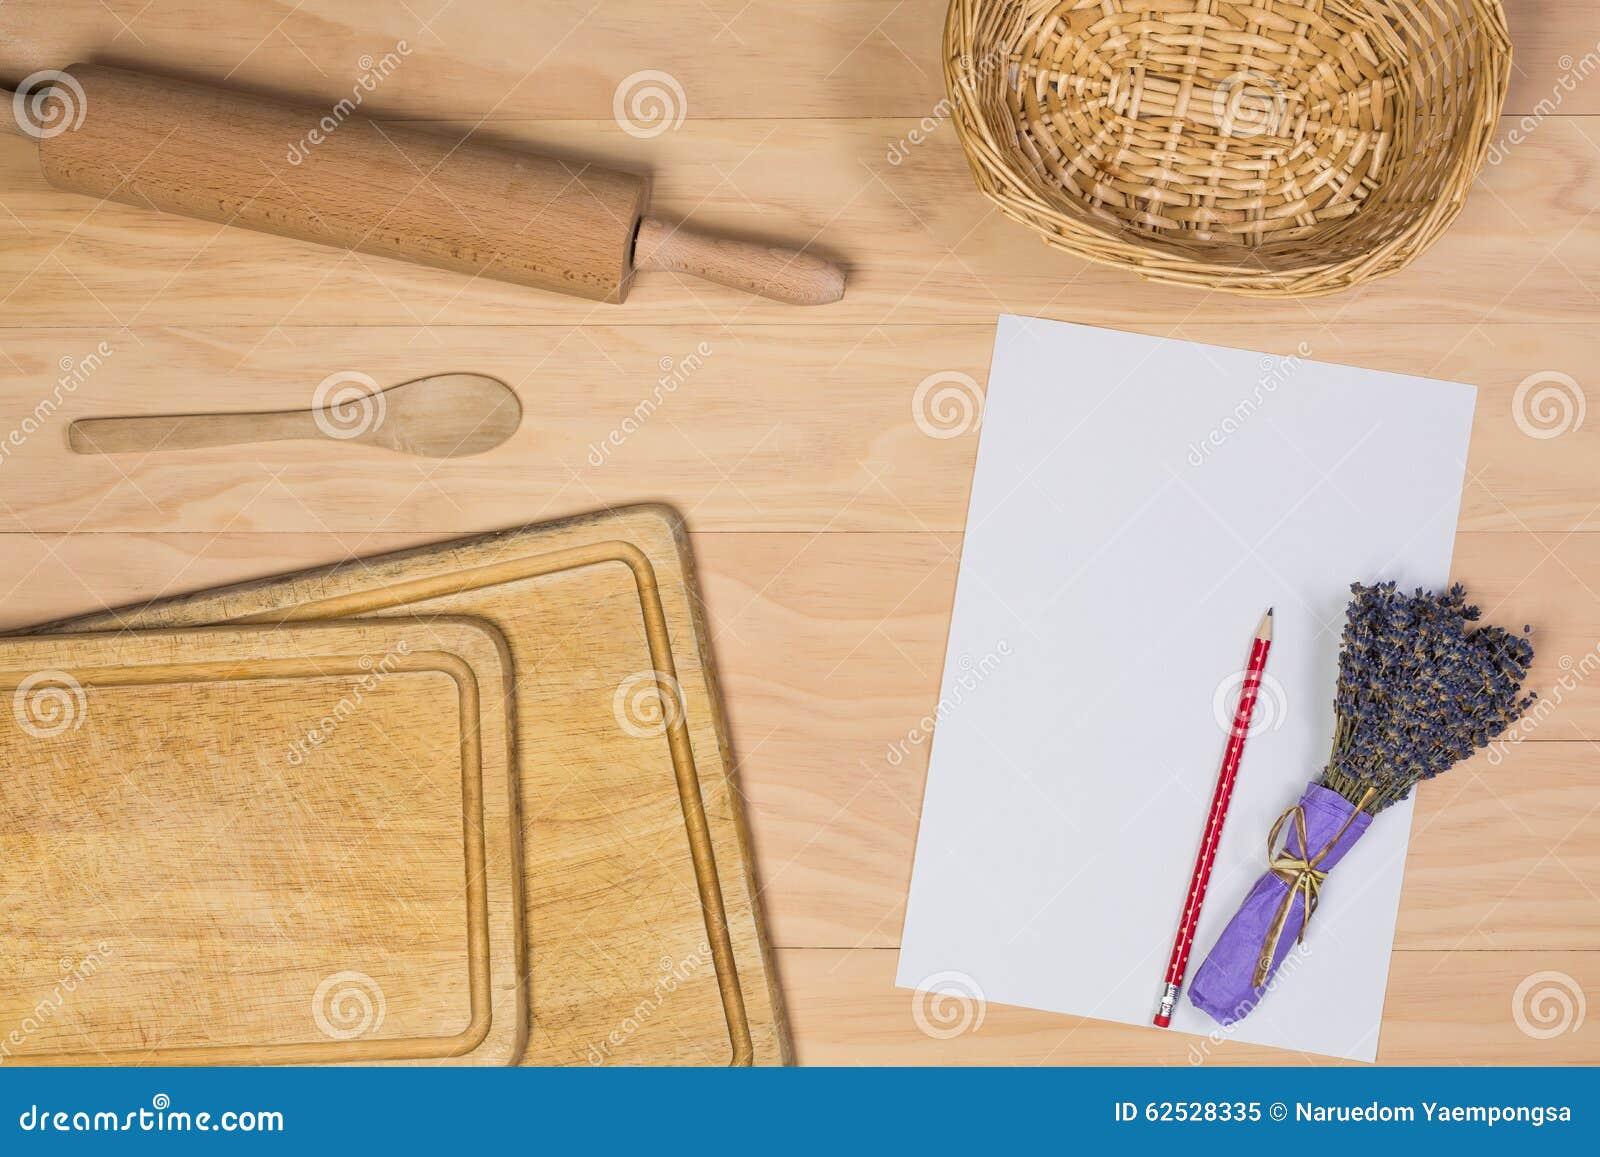 有纸和铅笔的木厨具